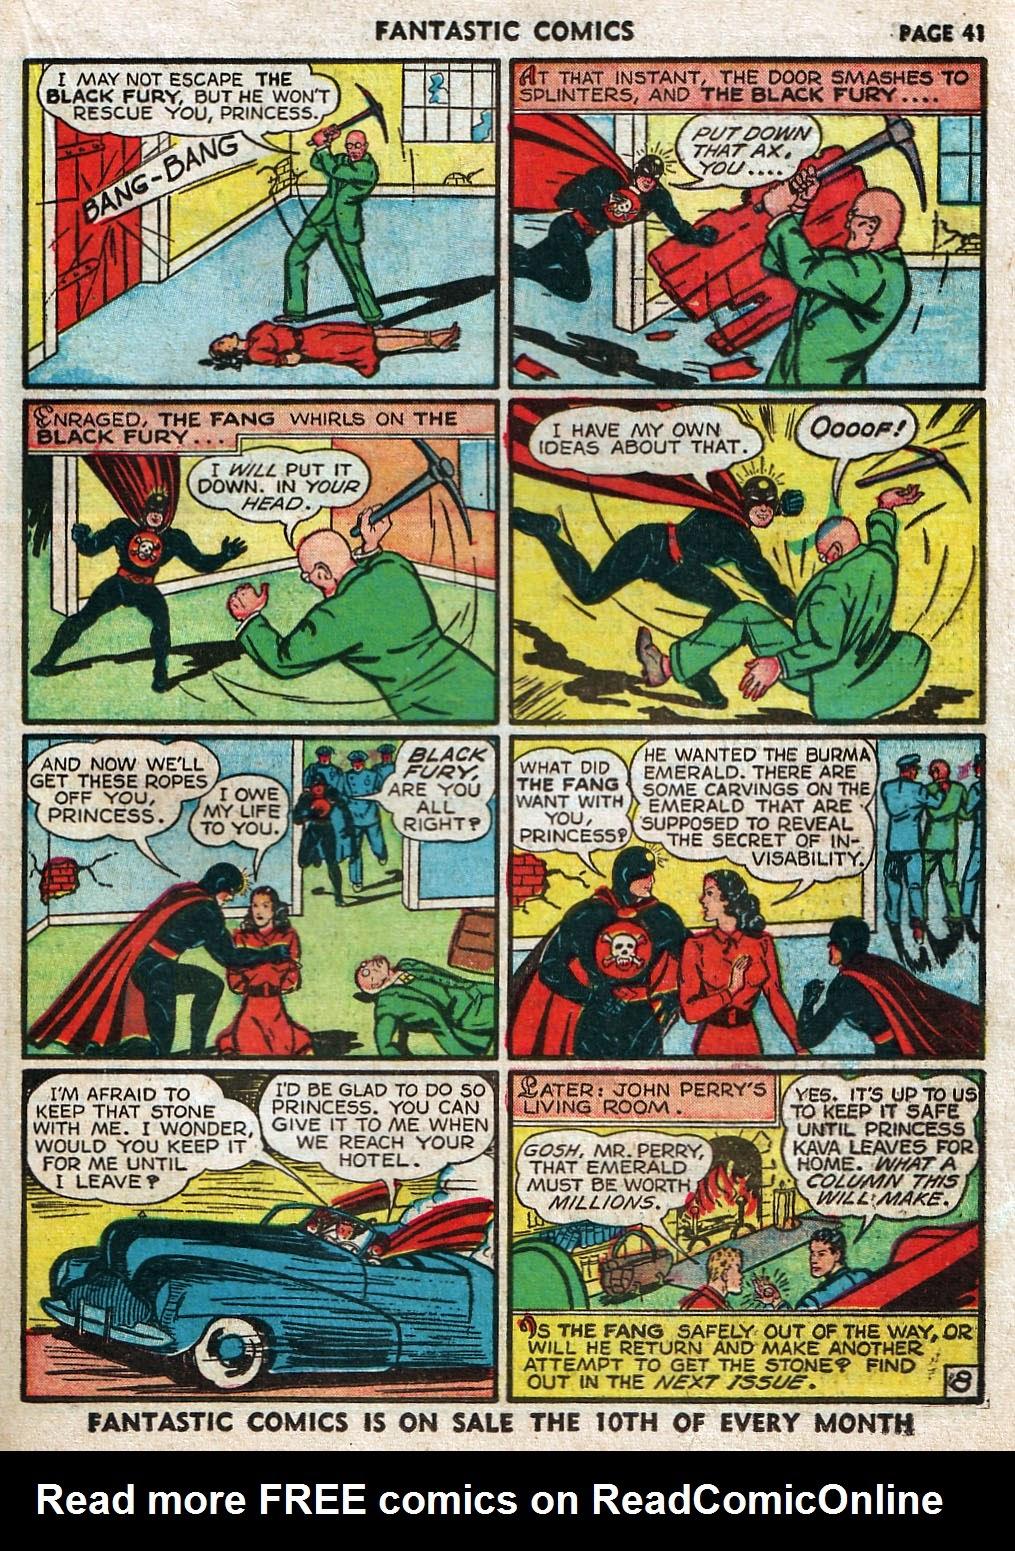 Read online Fantastic Comics comic -  Issue #17 - 42